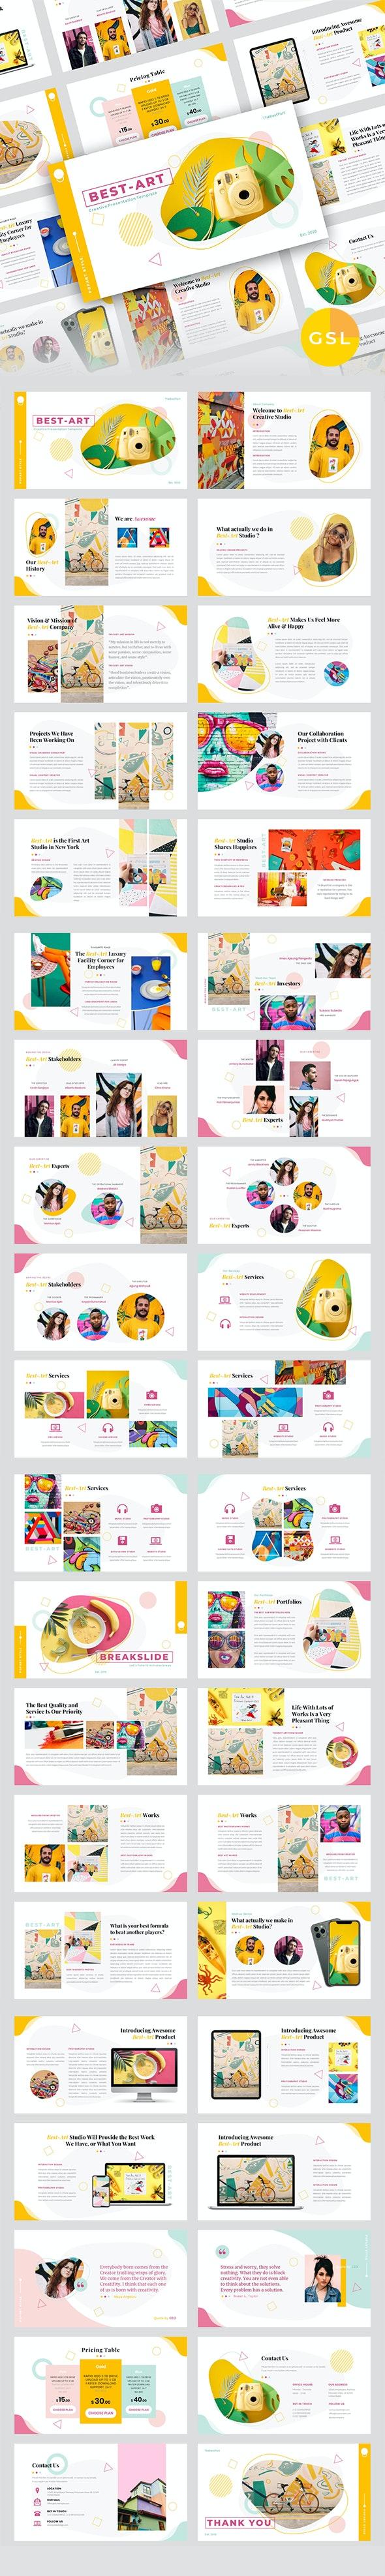 Best-Art – Creative Business & Pop Art Google Slides Template - Google Slides Presentation Templates